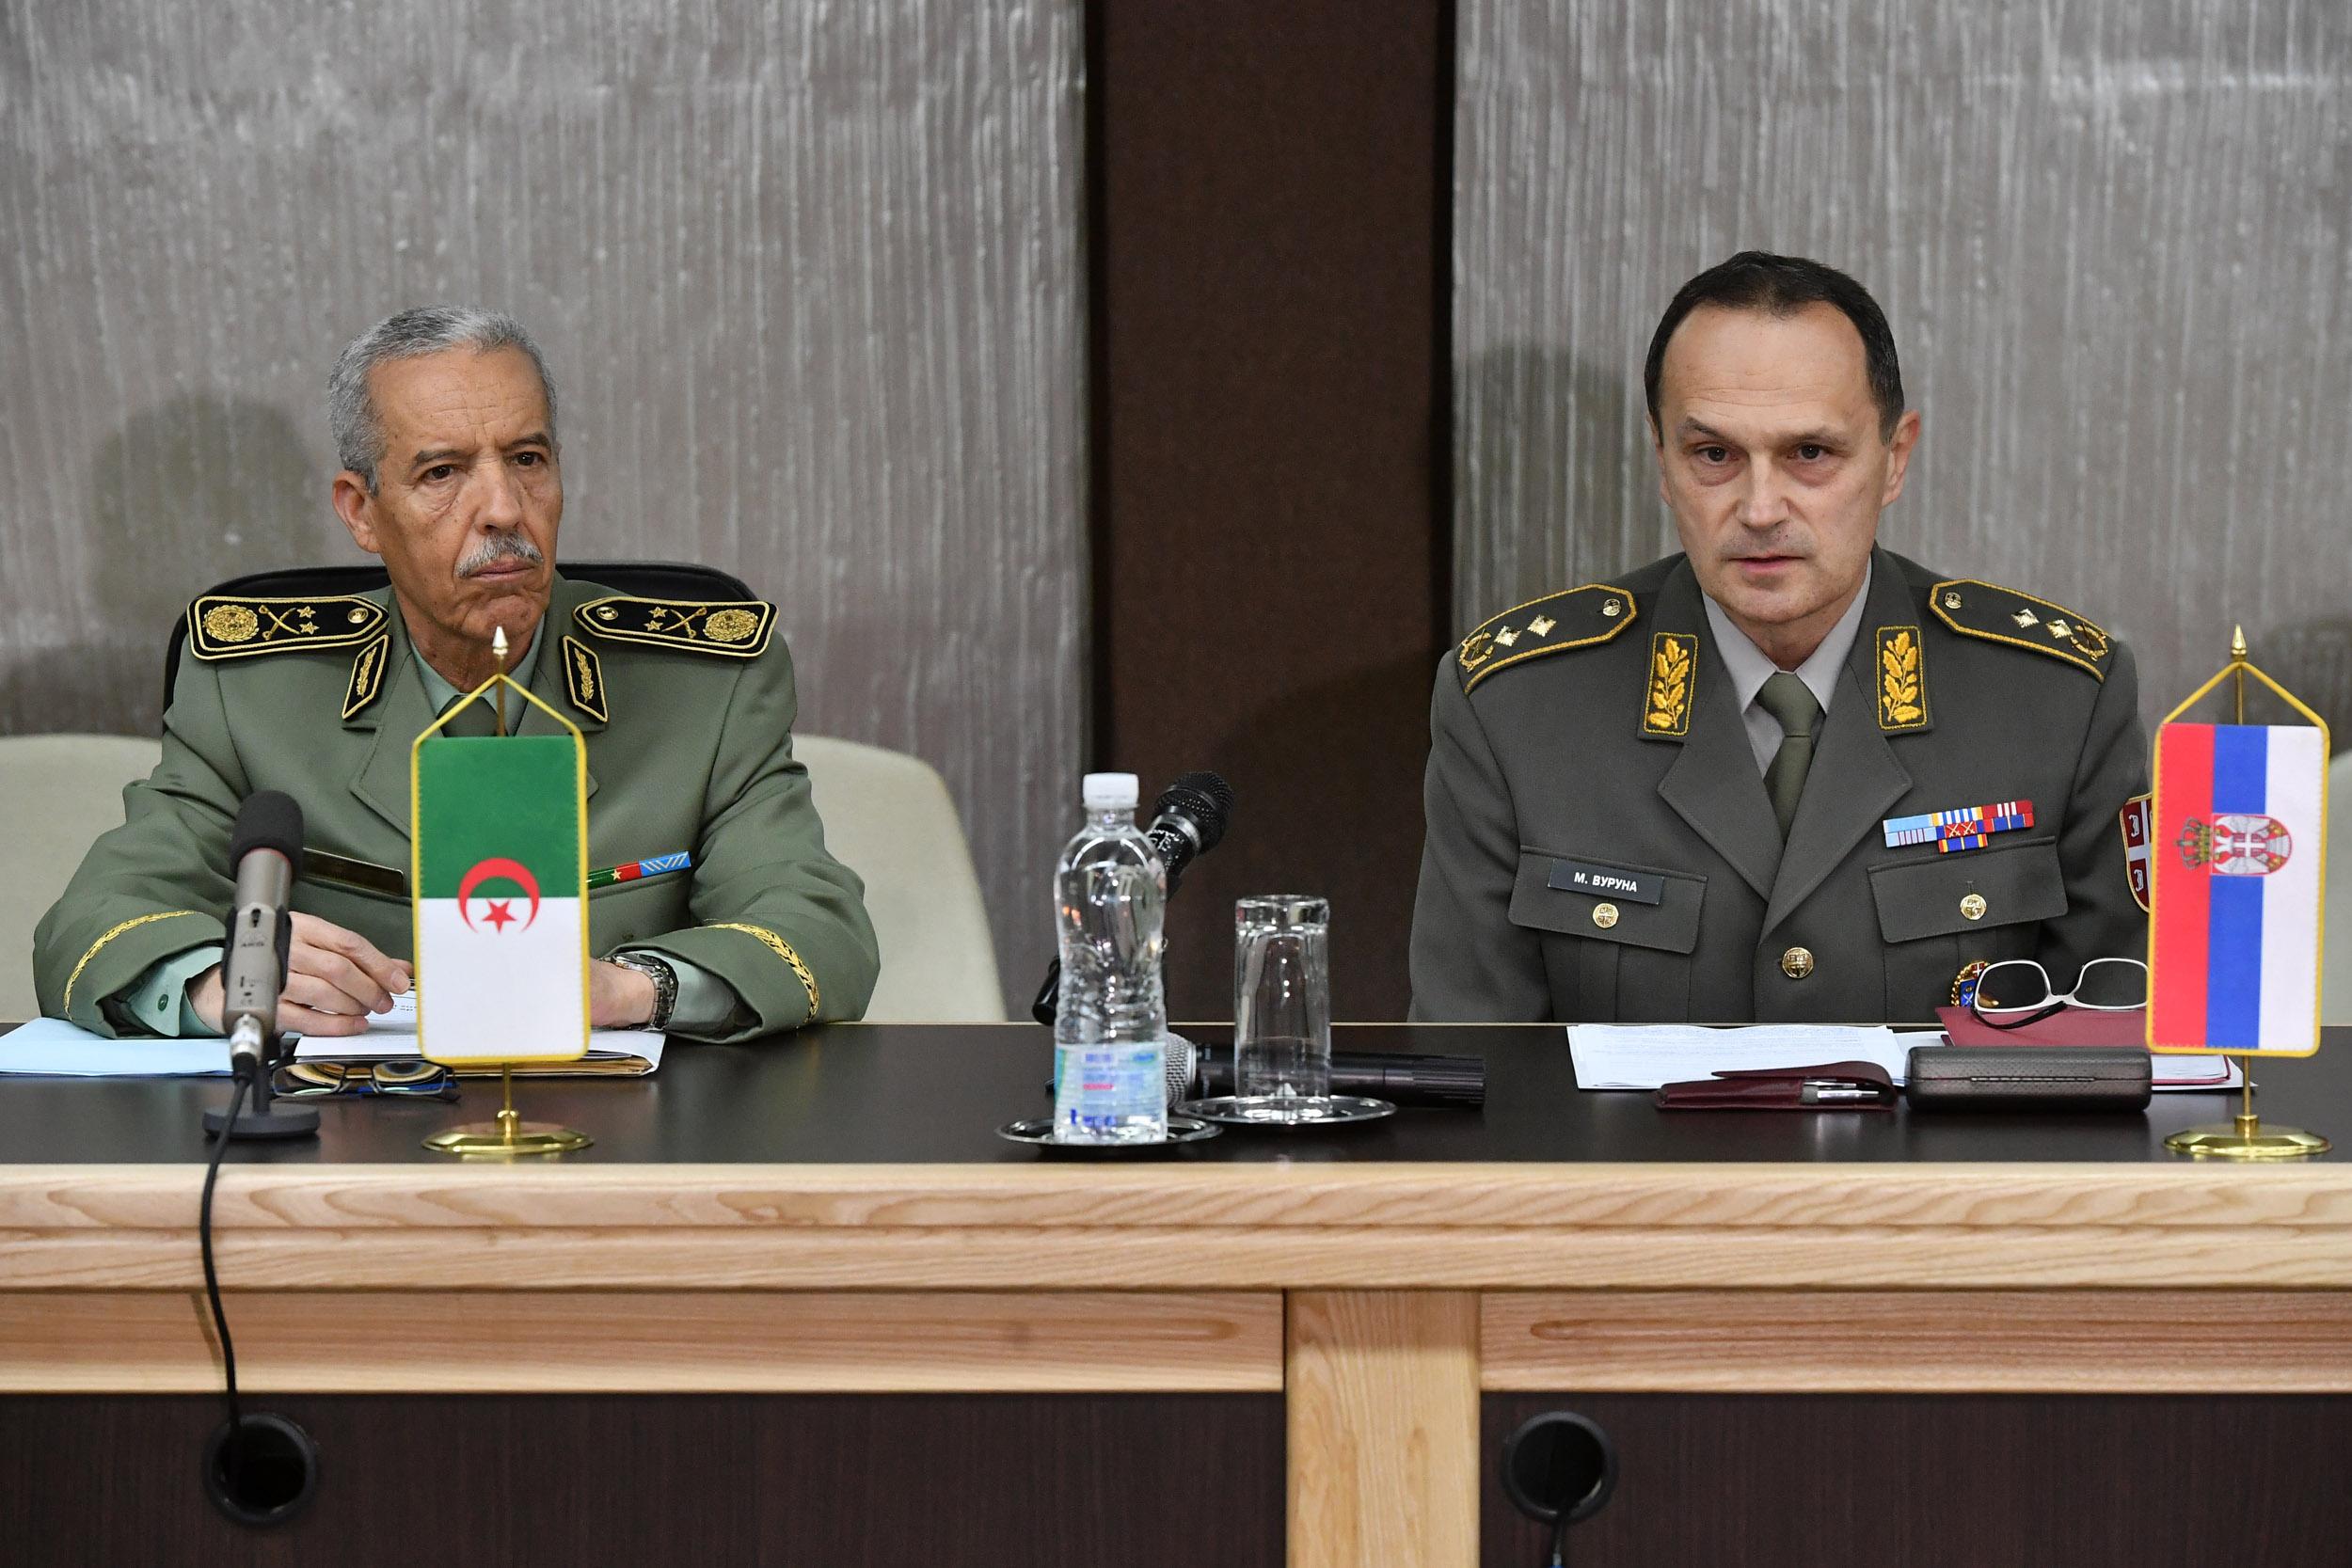 الجزائر : صلاحيات نائب وزير الدفاع الوطني - صفحة 21 Ban_1033_1519373111